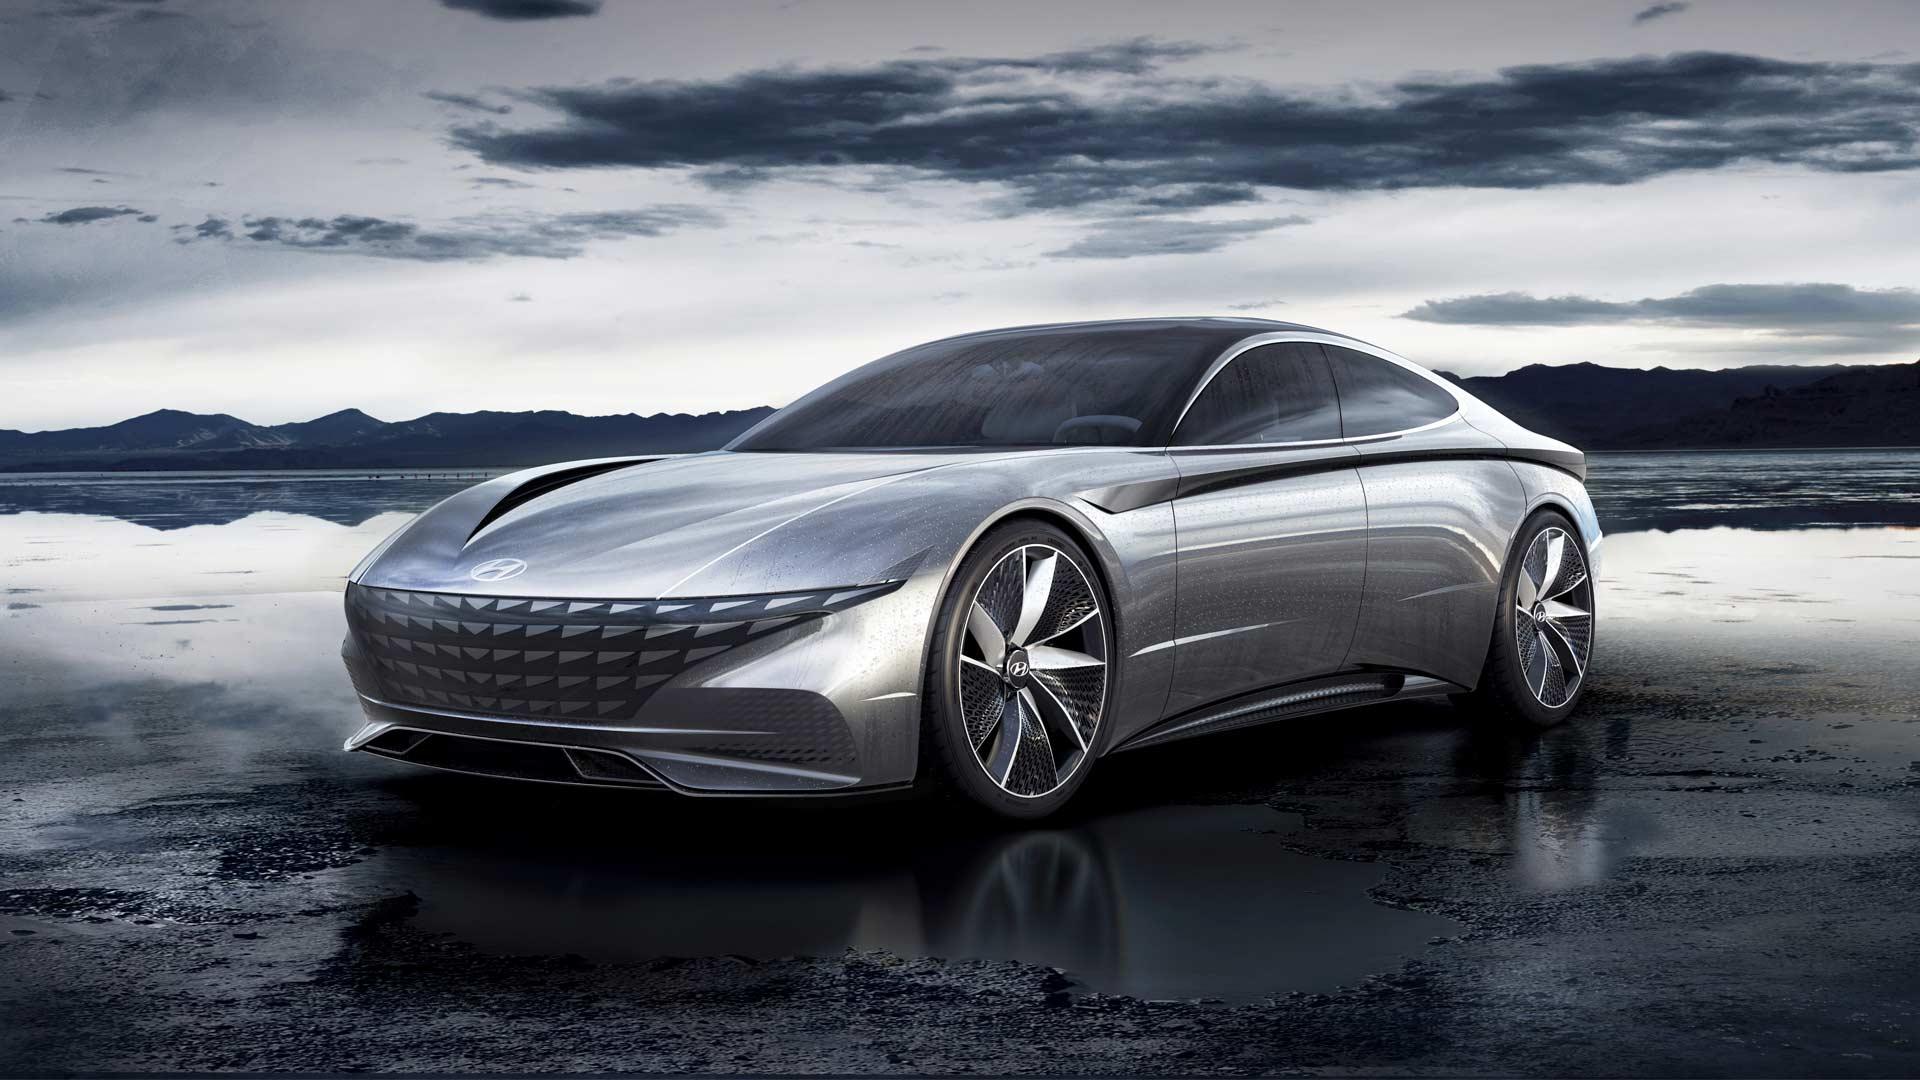 Компания Хендай собирается подизайну превзойти авто Альфа Ромео